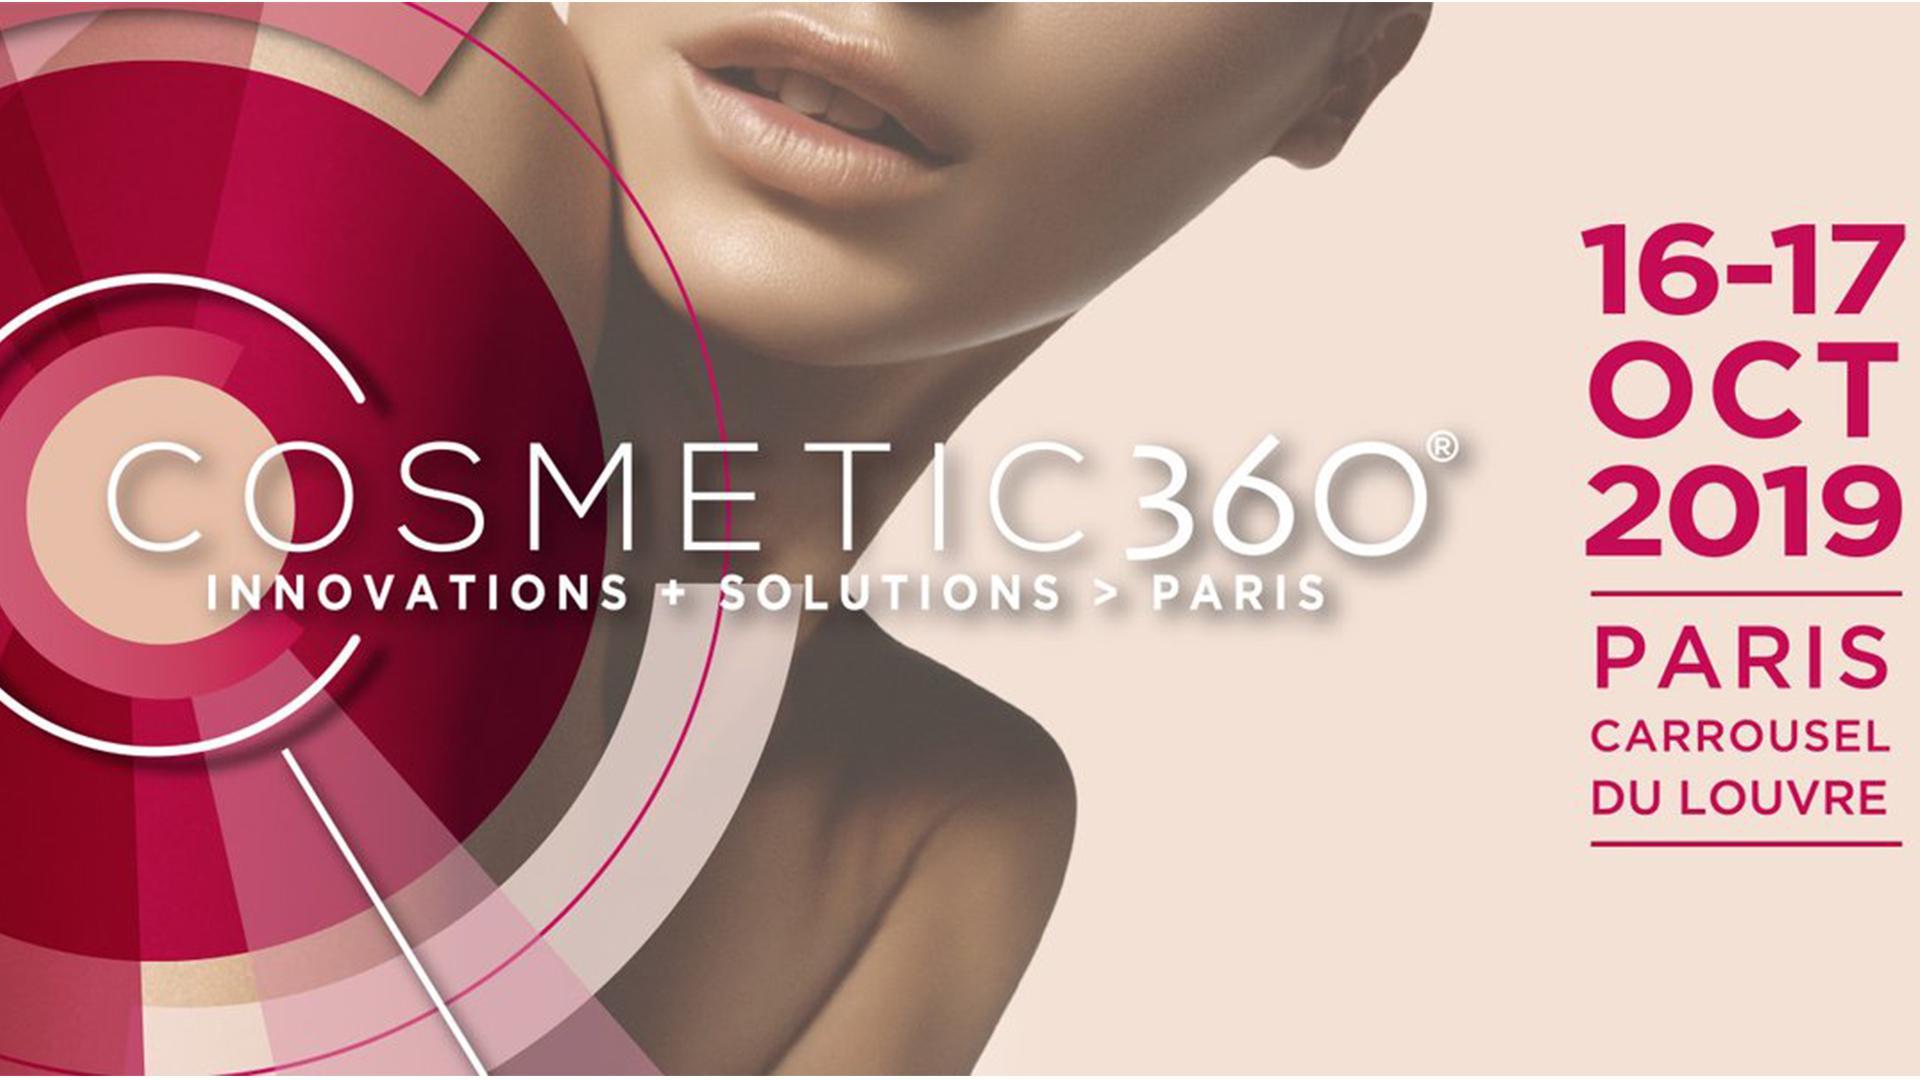 COSMETIC 360, Le salon international de l'innovation pour la filière parfumerie-cosmétique